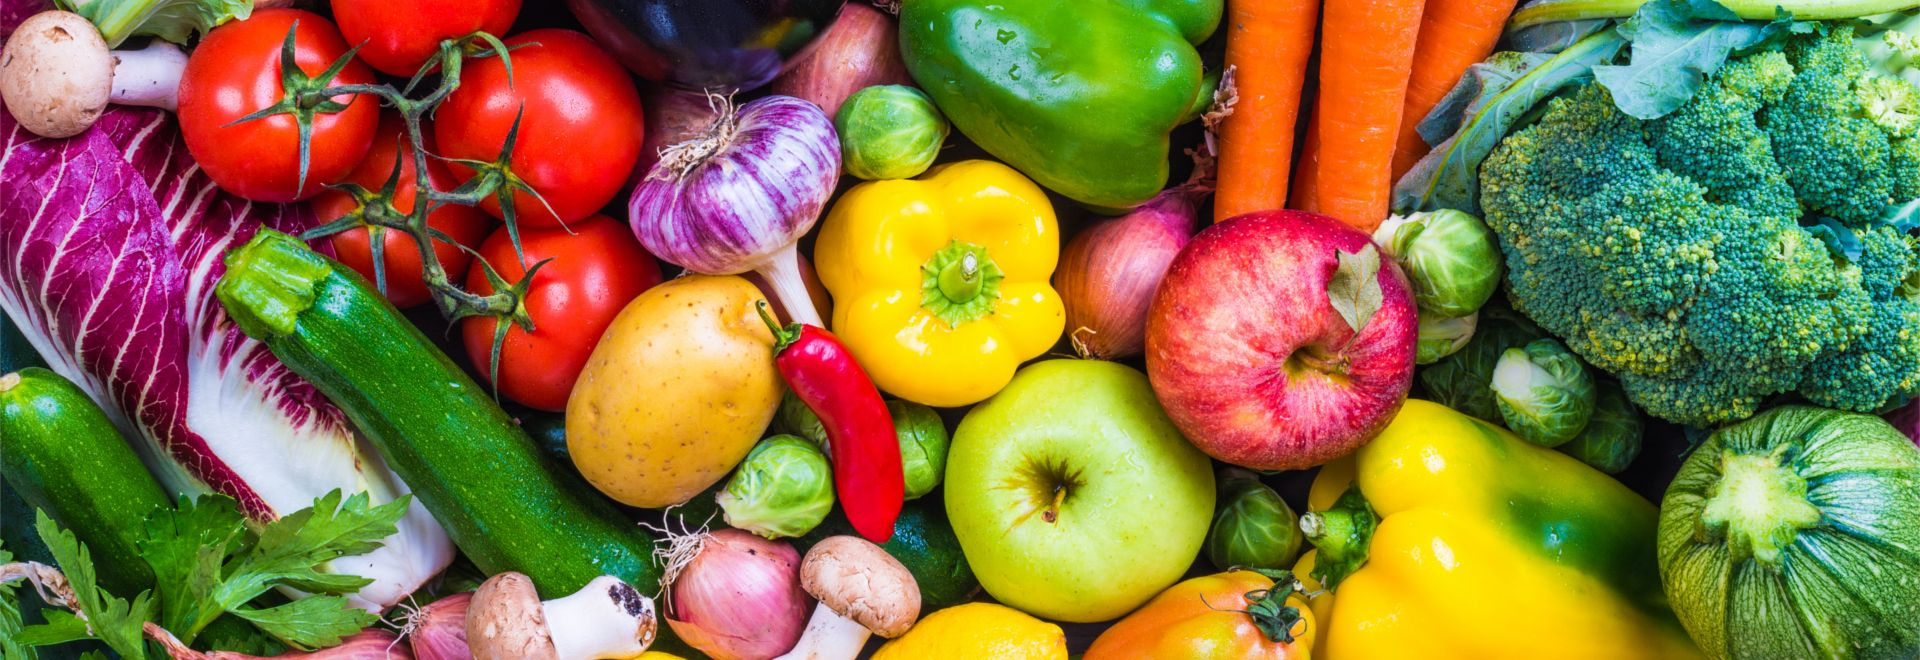 Ganzheitliche Ernährungsberatung, Diätcoaching, Ernährungsanamnese